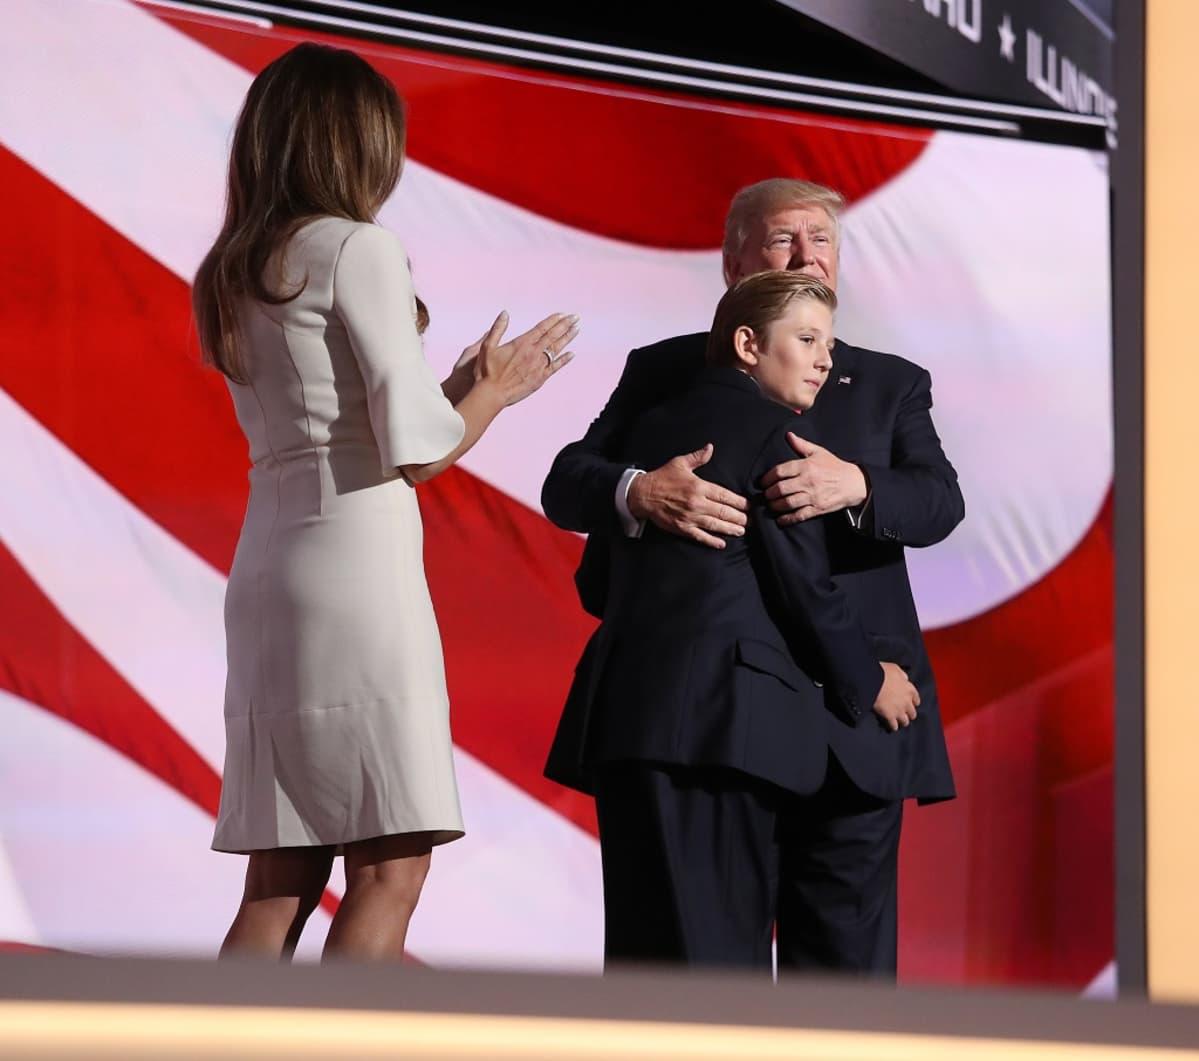 Donald Trumpin vaimonsa Melanian ja poikansa Trumpin kanssa Clevelandissa Ohiossa republikaanien puoluekokouksessa heinäkuussa.